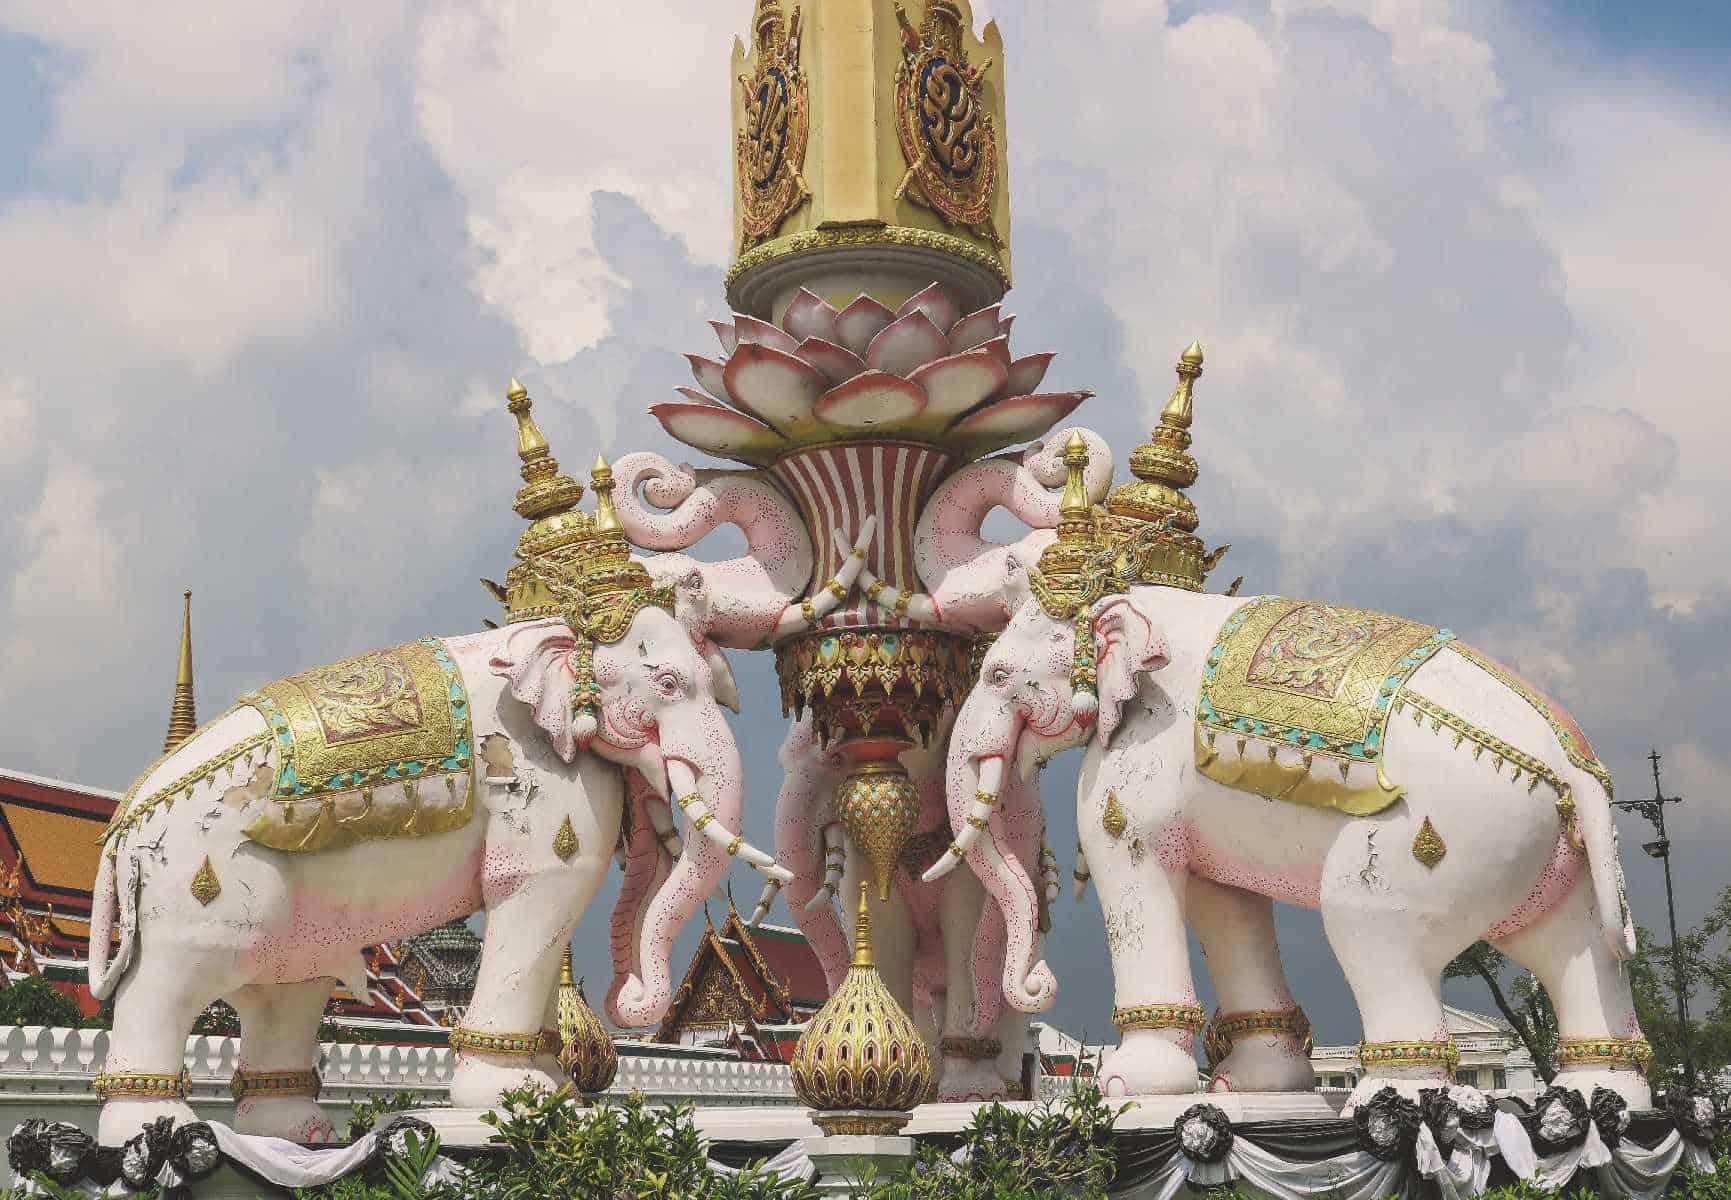 Que signifie l'éléphant en Thaïlande ?